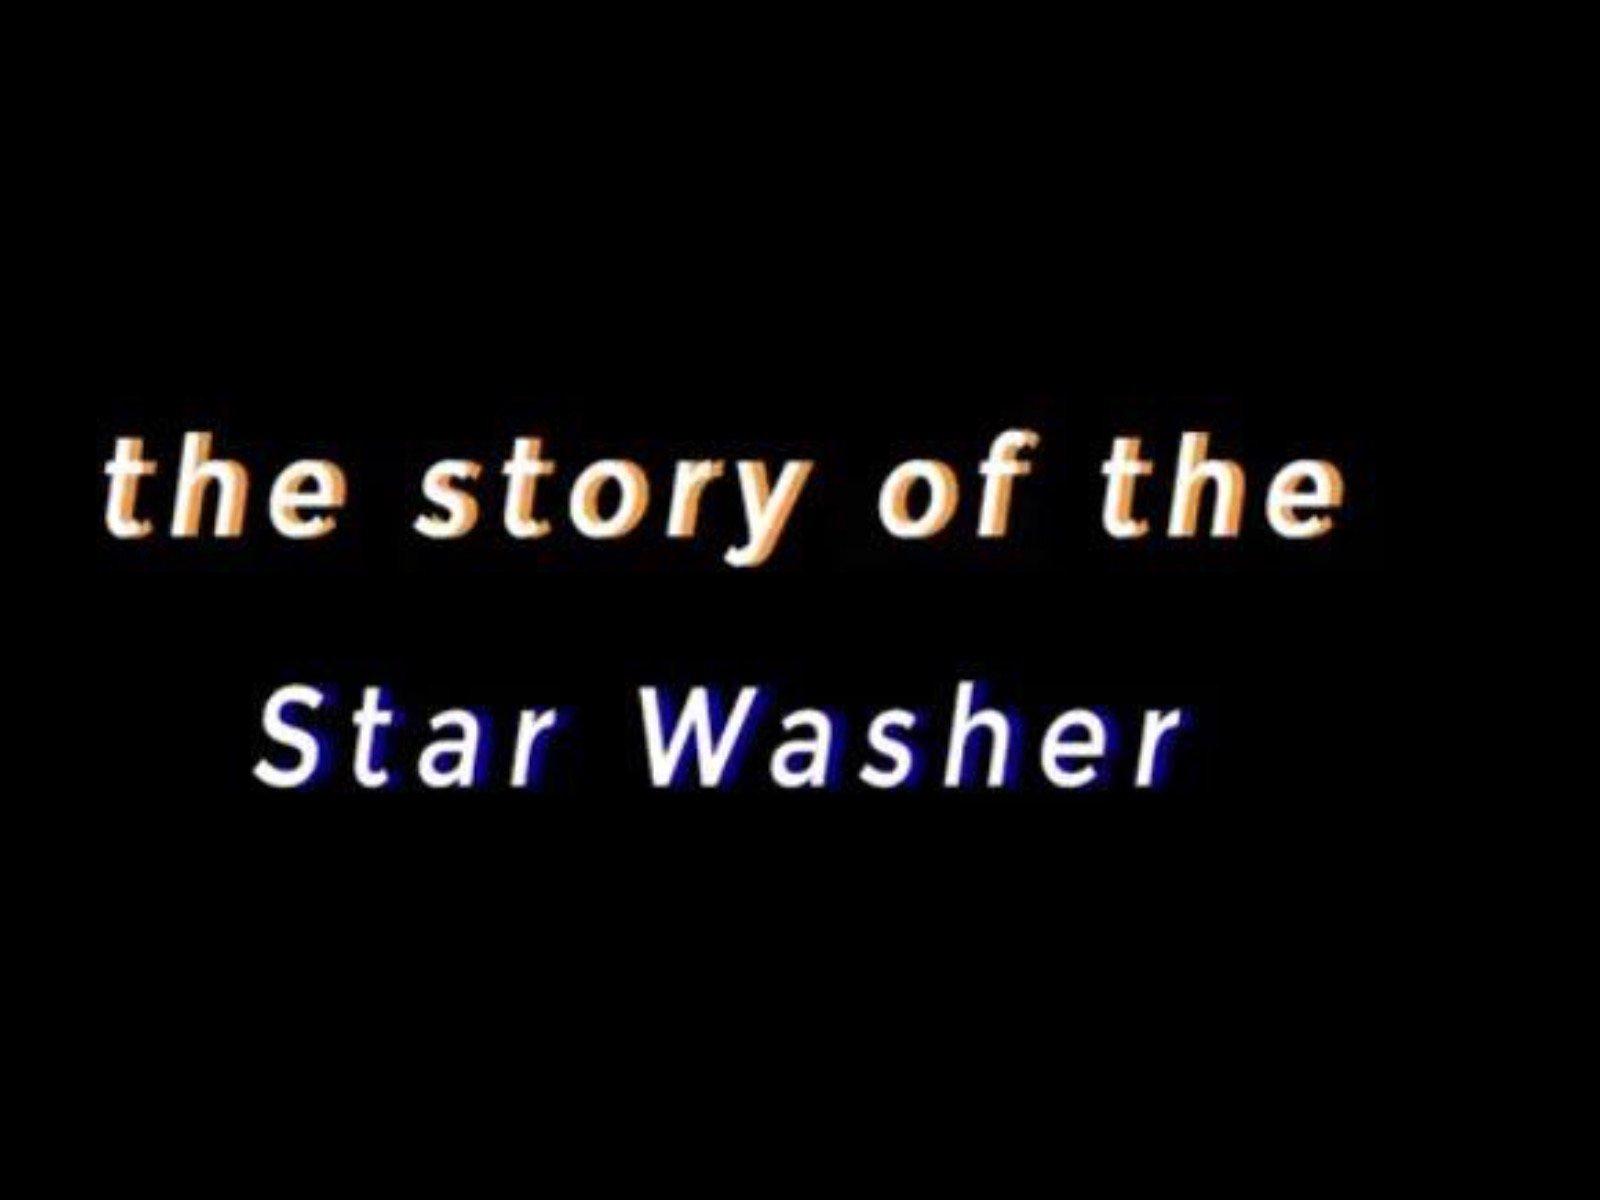 Star Washer